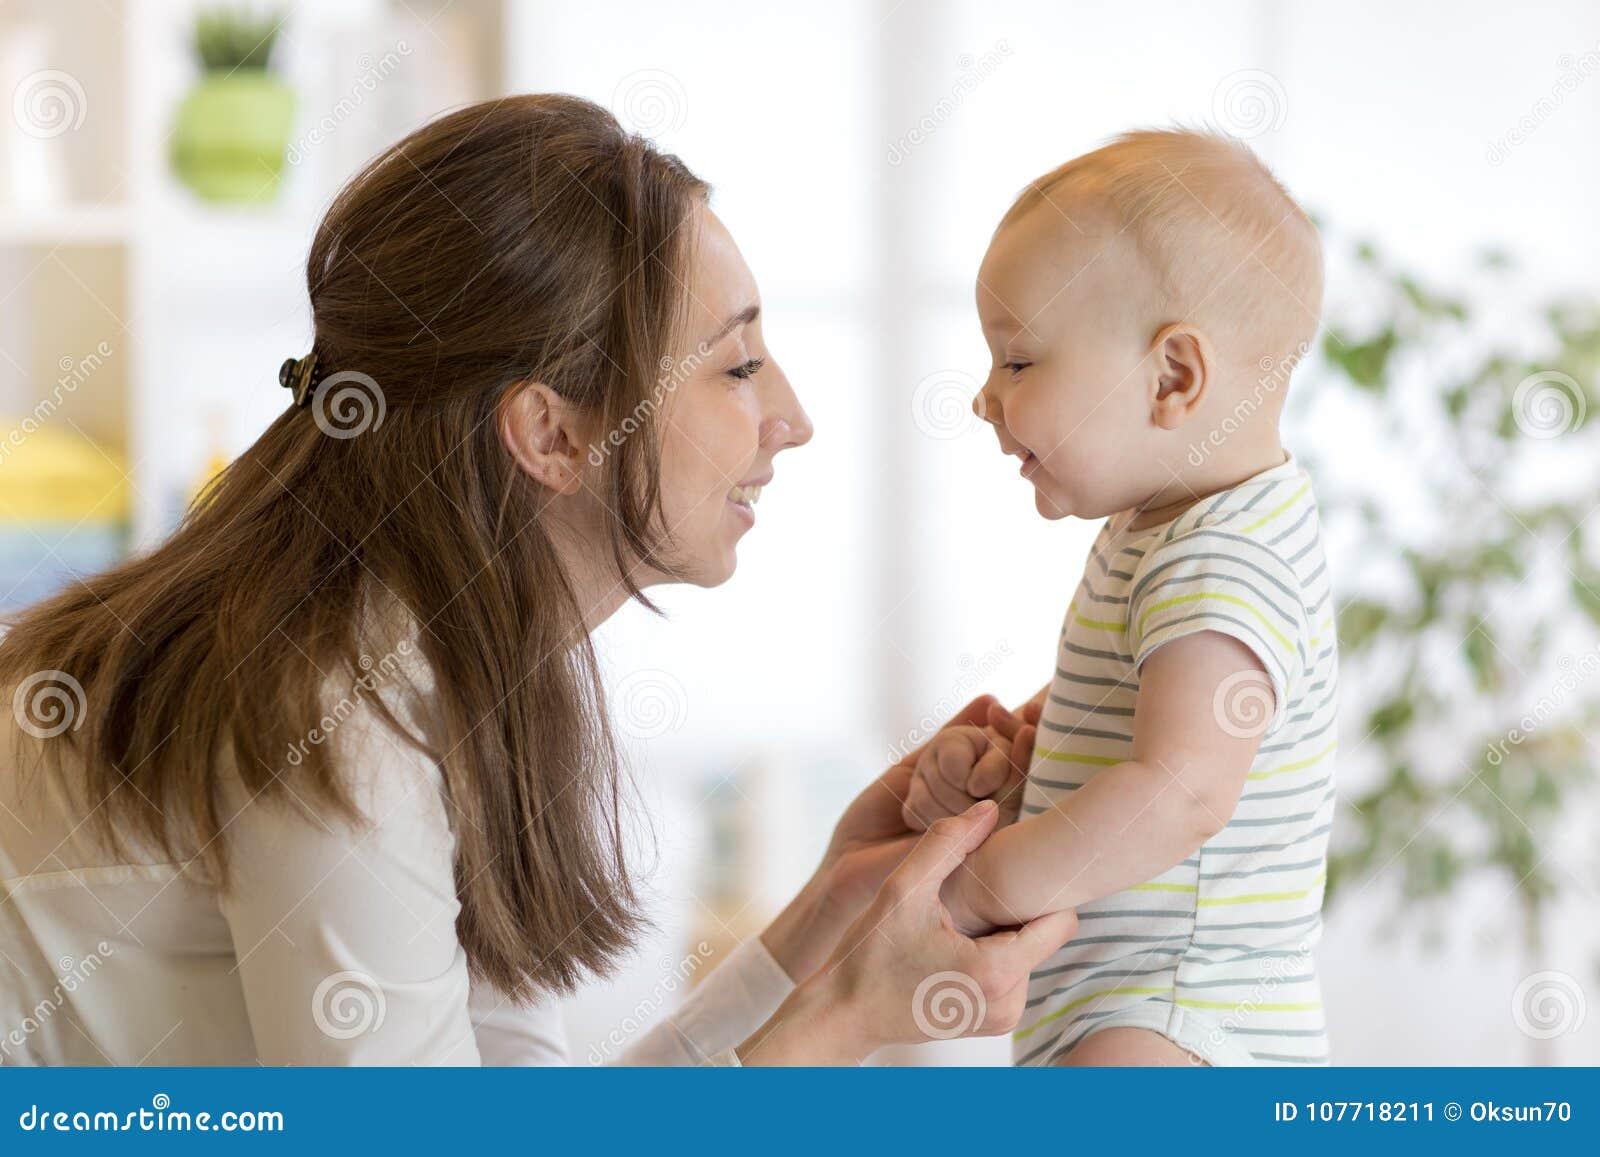 Милый маленький младенец играет с его молодой мамой